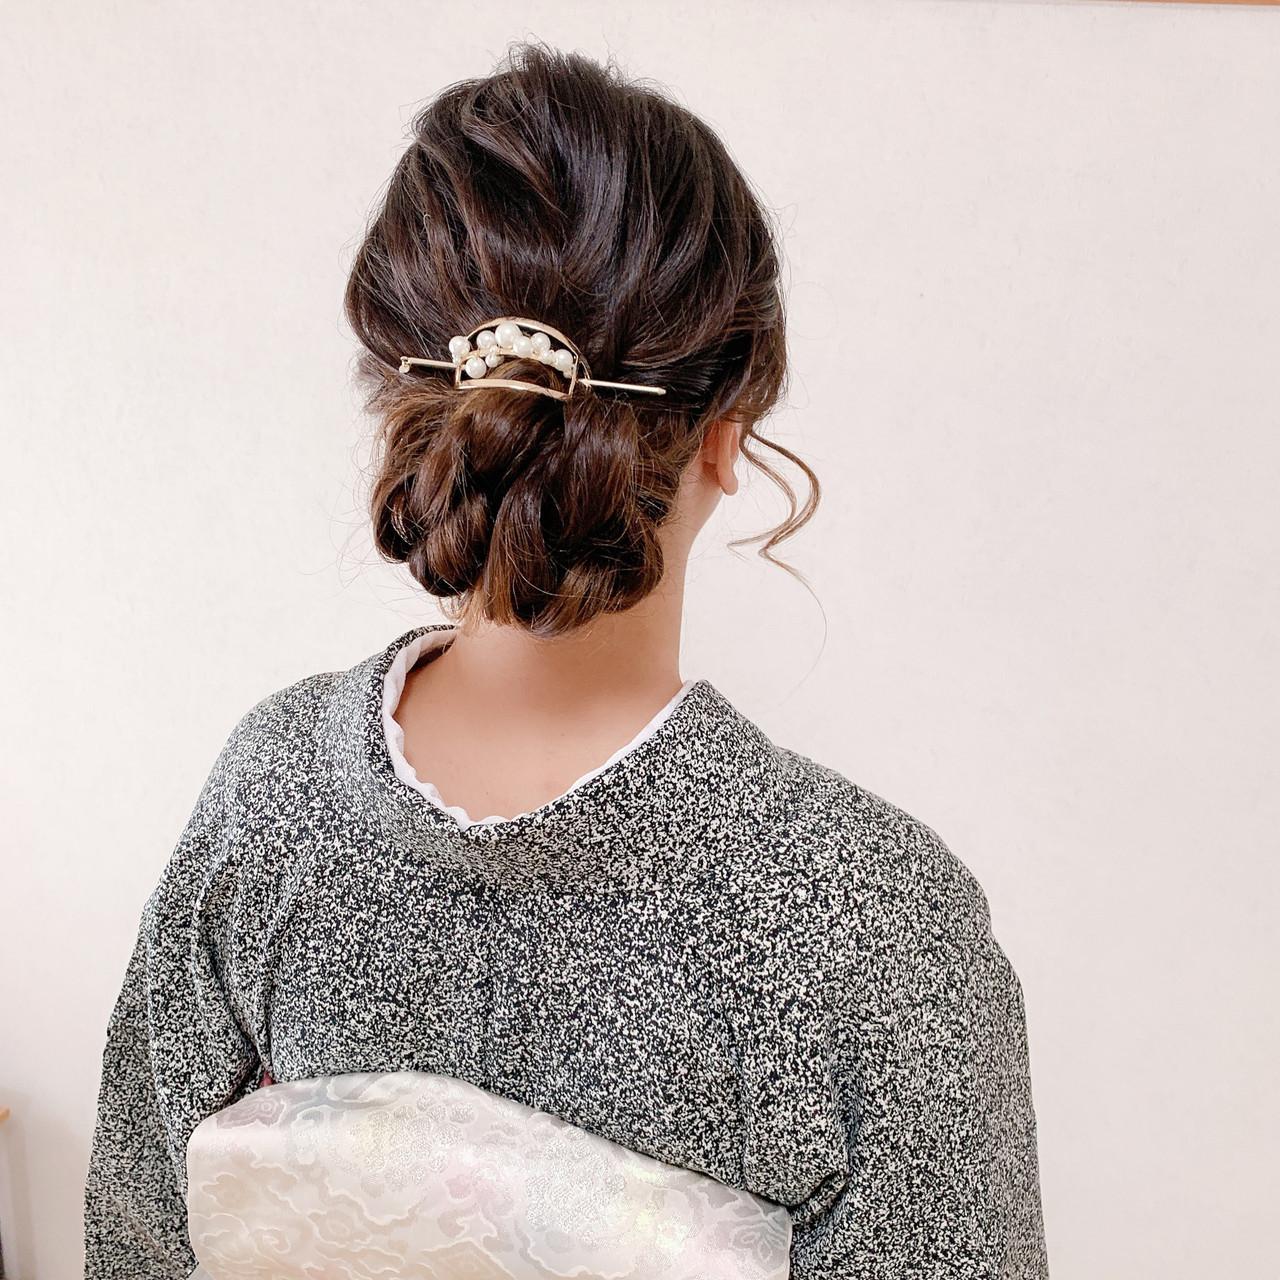 和装ヘア 訪問着 着物 ロング ヘアスタイルや髪型の写真・画像